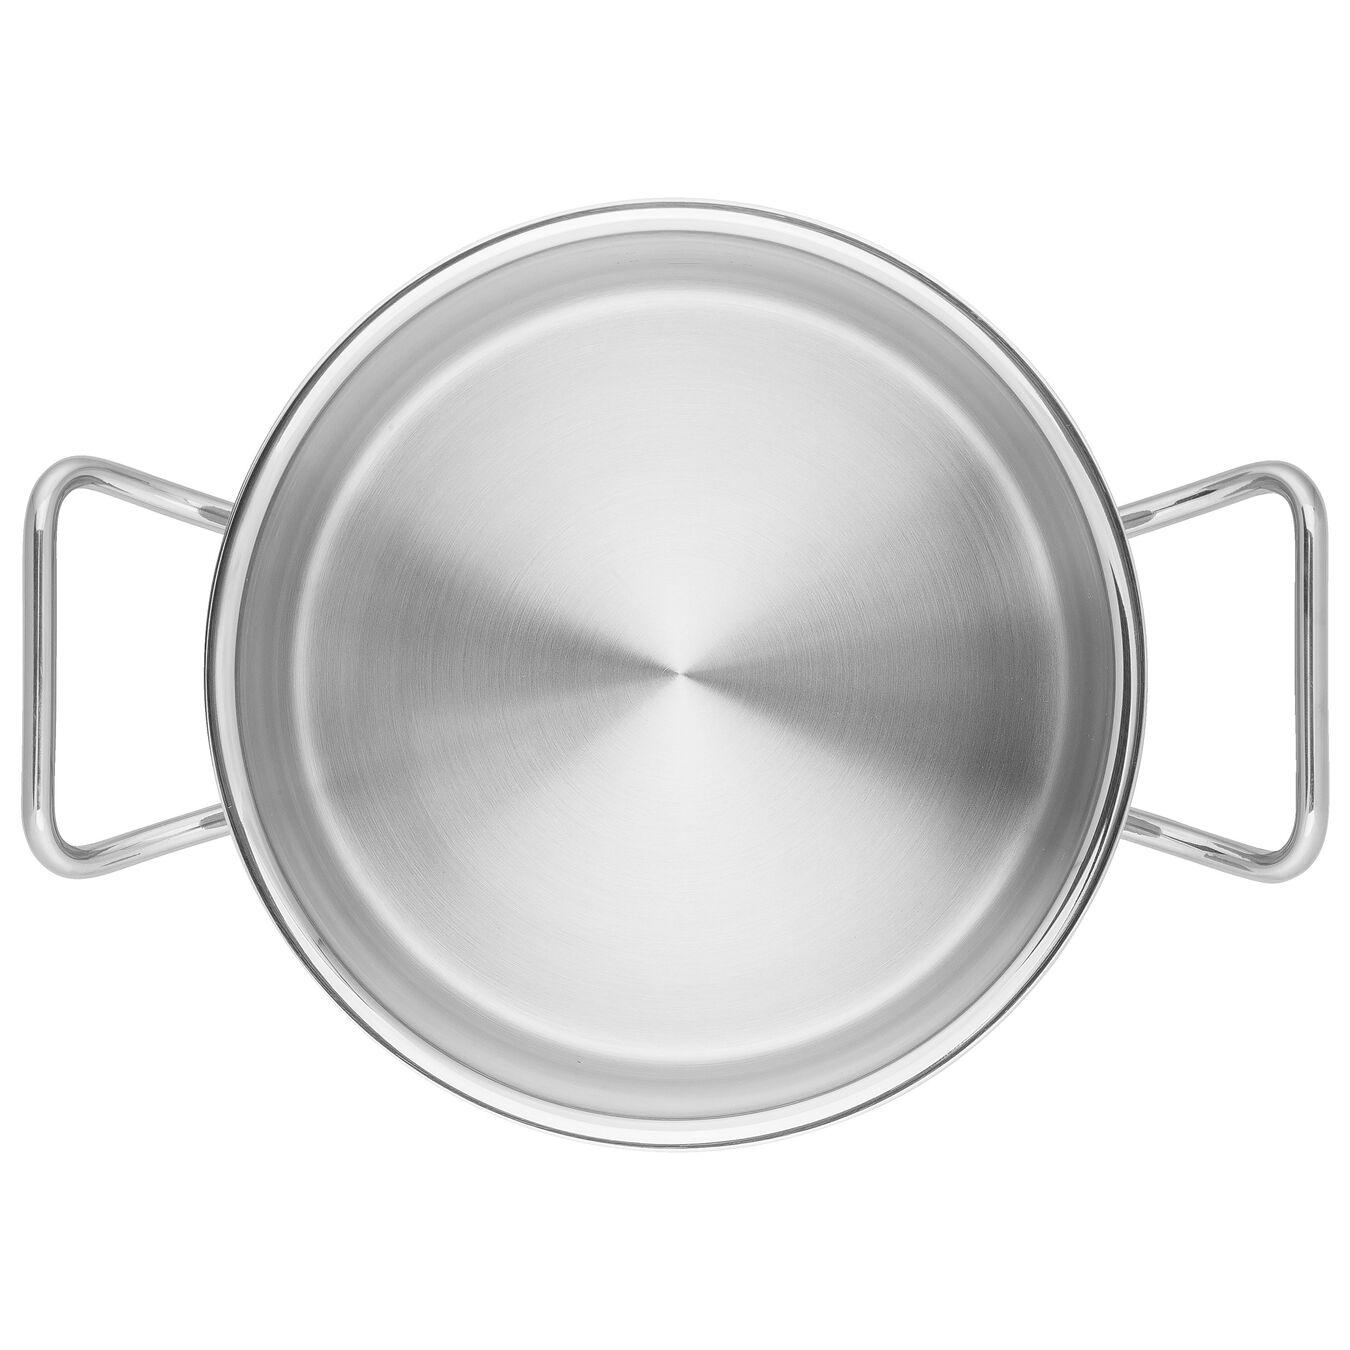 Suppegryde Højsidet 24 cm, 18/10 rustfrit stål,,large 6